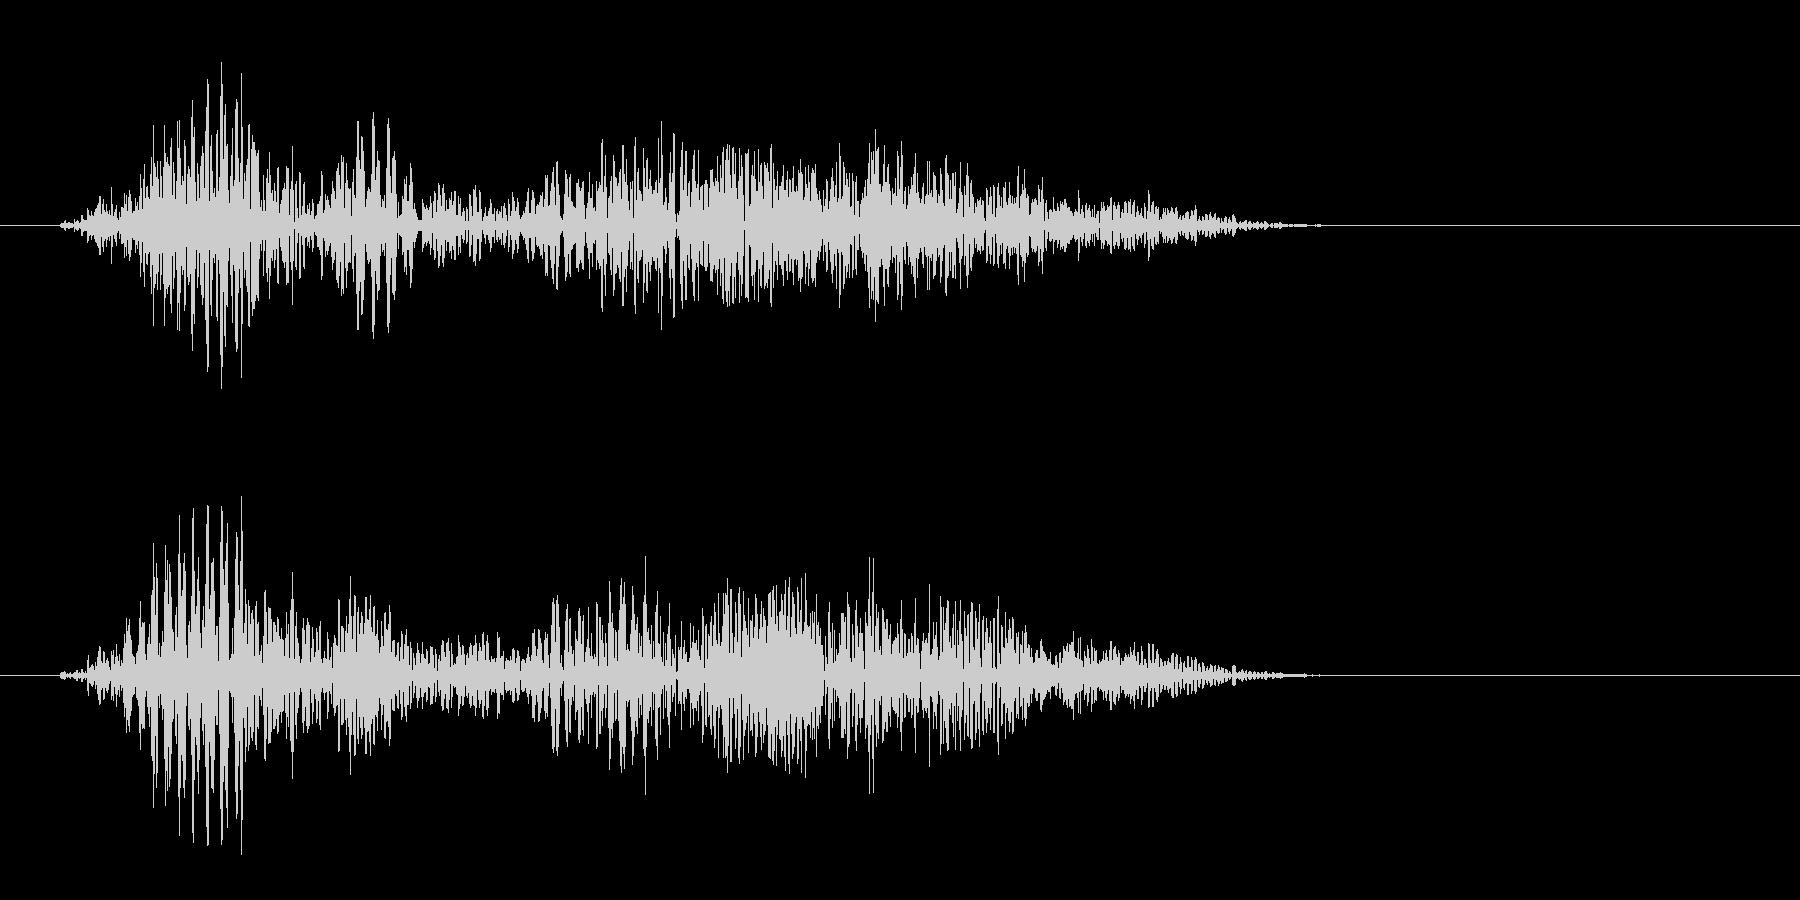 エフェッという強い効果音の未再生の波形